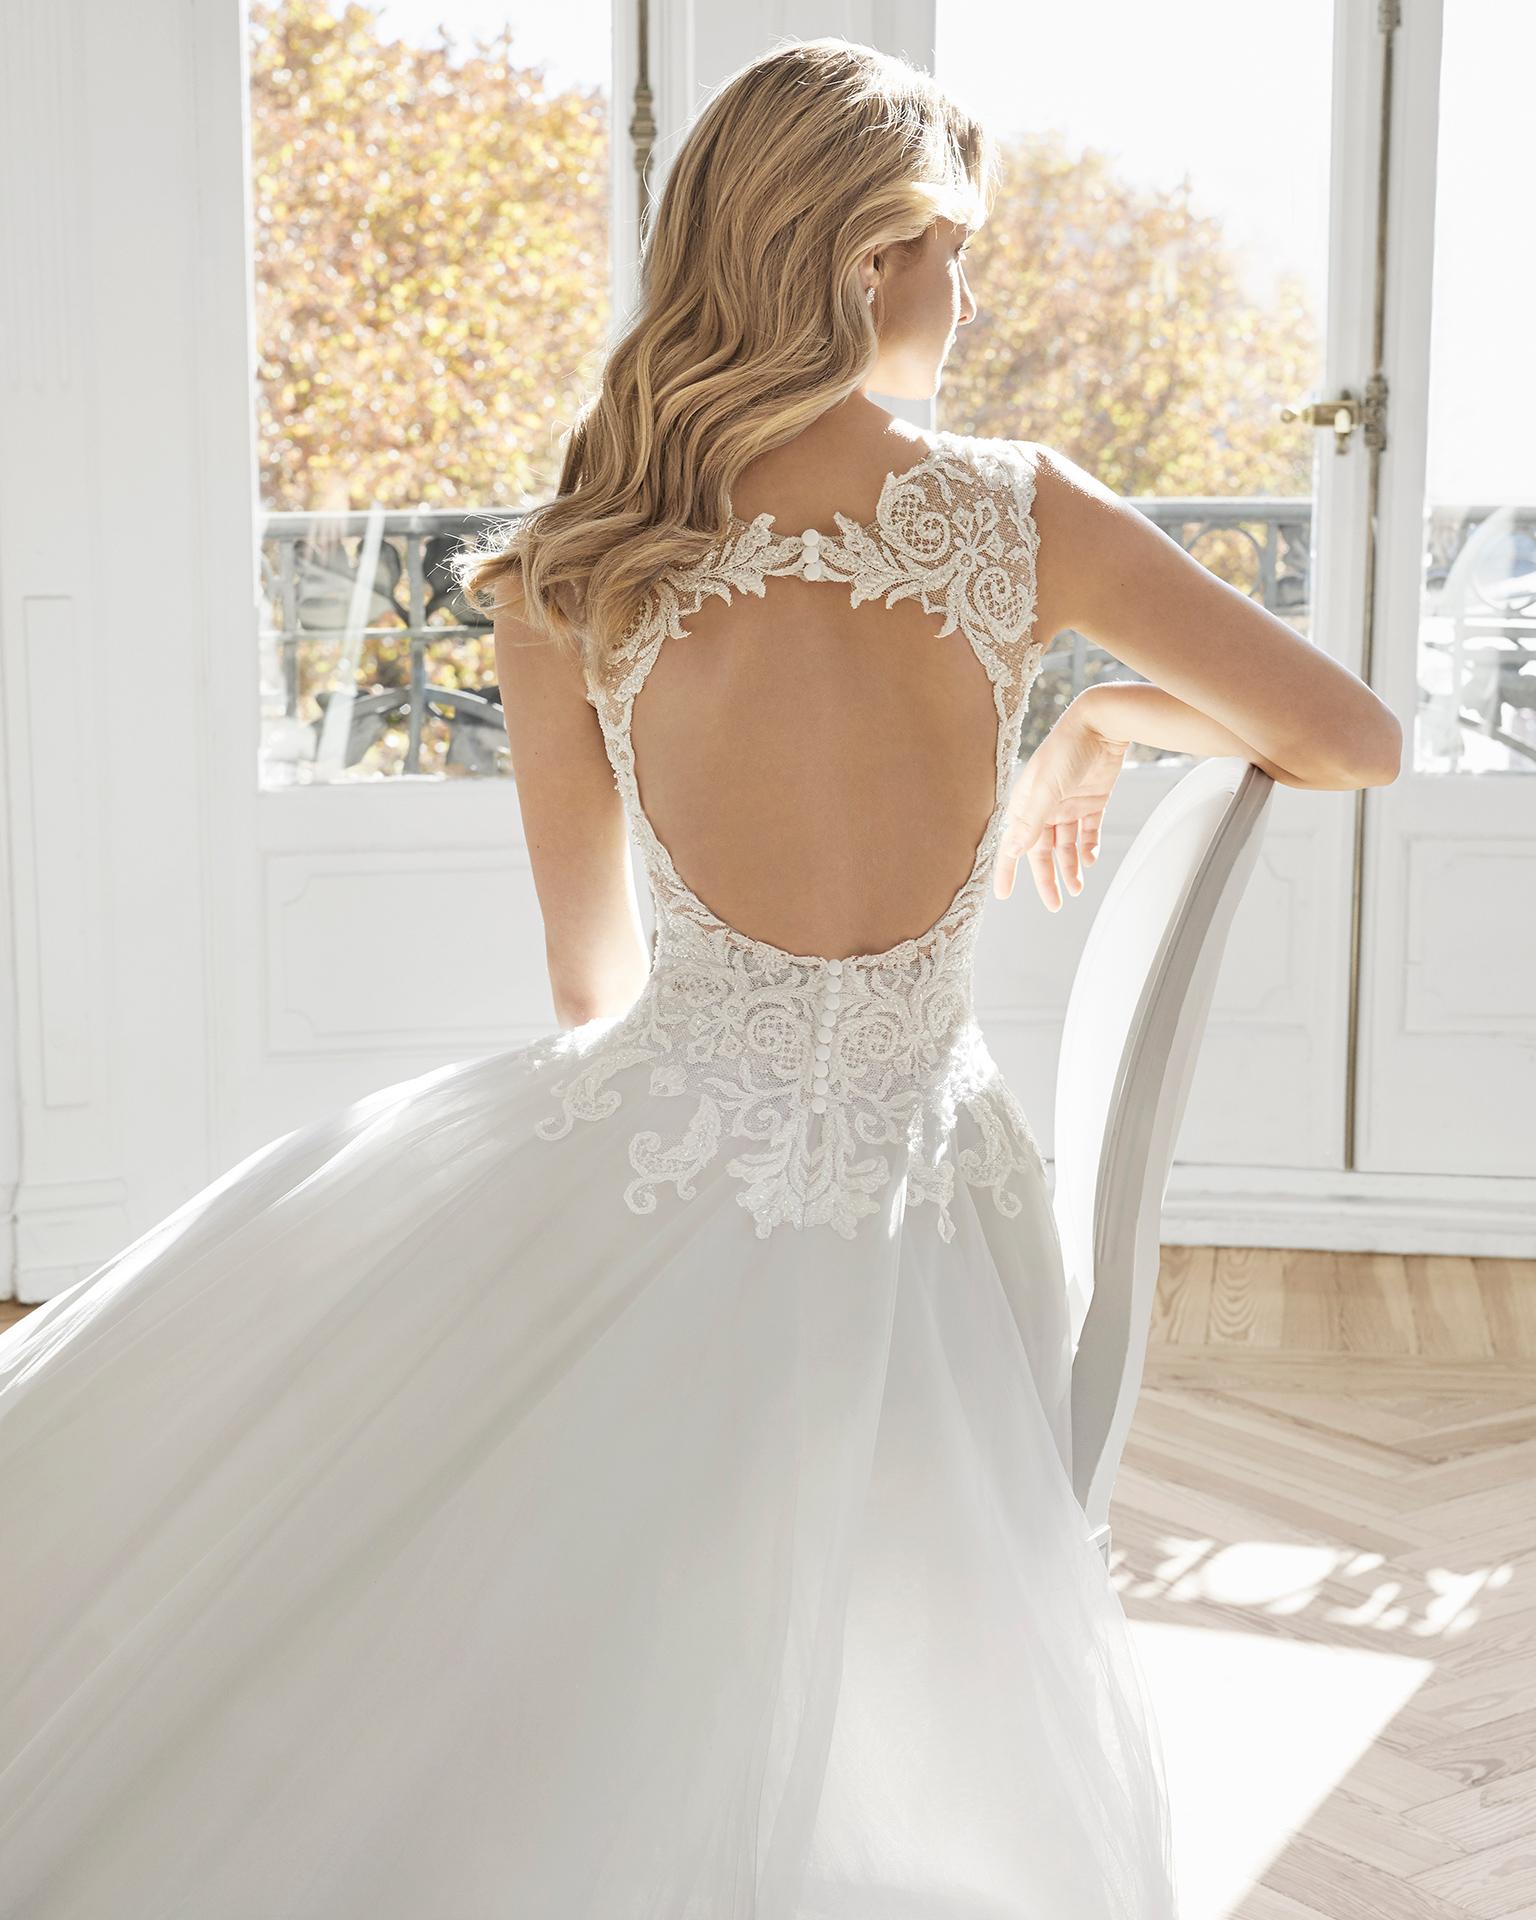 Vestido de novia estilo princesa de encaje pedrería y tul royal. Escote corazón y espalda descubierta. Disponible en color hielo, ámbar y natural. Colección AIRE BARCELONA 2019.